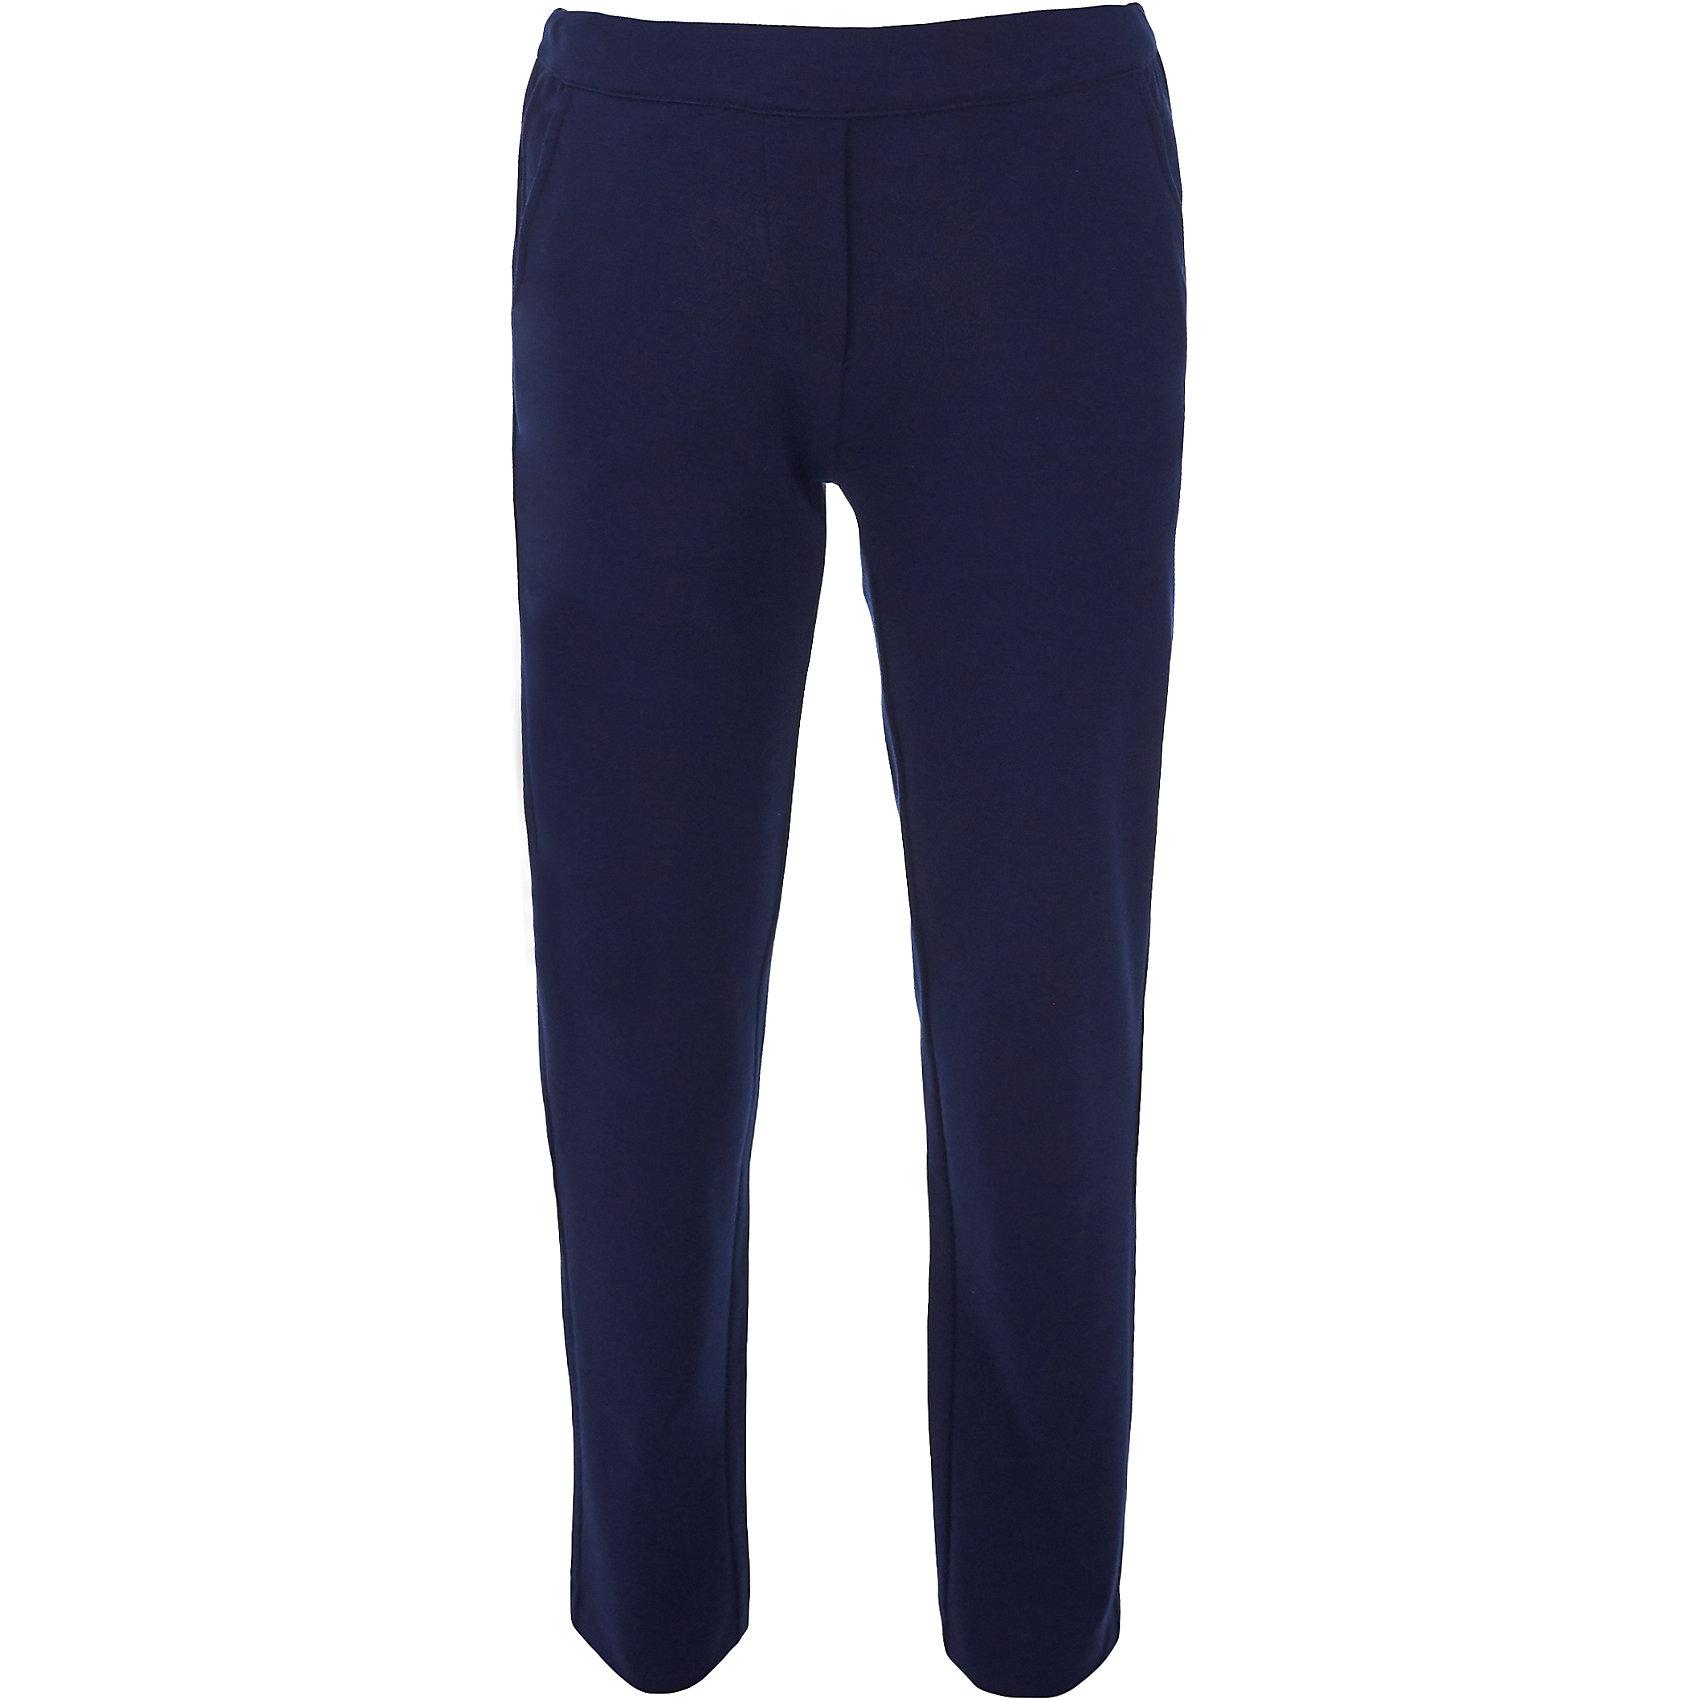 Брюки для девочки BUTTON BLUEБрюки<br>Брюки для девочки BUTTON BLUE<br>Какие брюки для девочек станут основой школьного гардероба? Те, кто уже носил брюки из плотного трикотажа знают: трикотажные школьные брюки - это элегантность, удобство и свобода движений. Купить синие школьные брюки от Button Blue, значит, обеспечить ребенку повседневный комфорт.<br>Состав:<br>75% полиэстер, 21% вискоза,             4% эластан<br><br>Ширина мм: 215<br>Глубина мм: 88<br>Высота мм: 191<br>Вес г: 336<br>Цвет: синий<br>Возраст от месяцев: 108<br>Возраст до месяцев: 120<br>Пол: Женский<br>Возраст: Детский<br>Размер: 140,134,128,122,164,158,152,146<br>SKU: 6739465